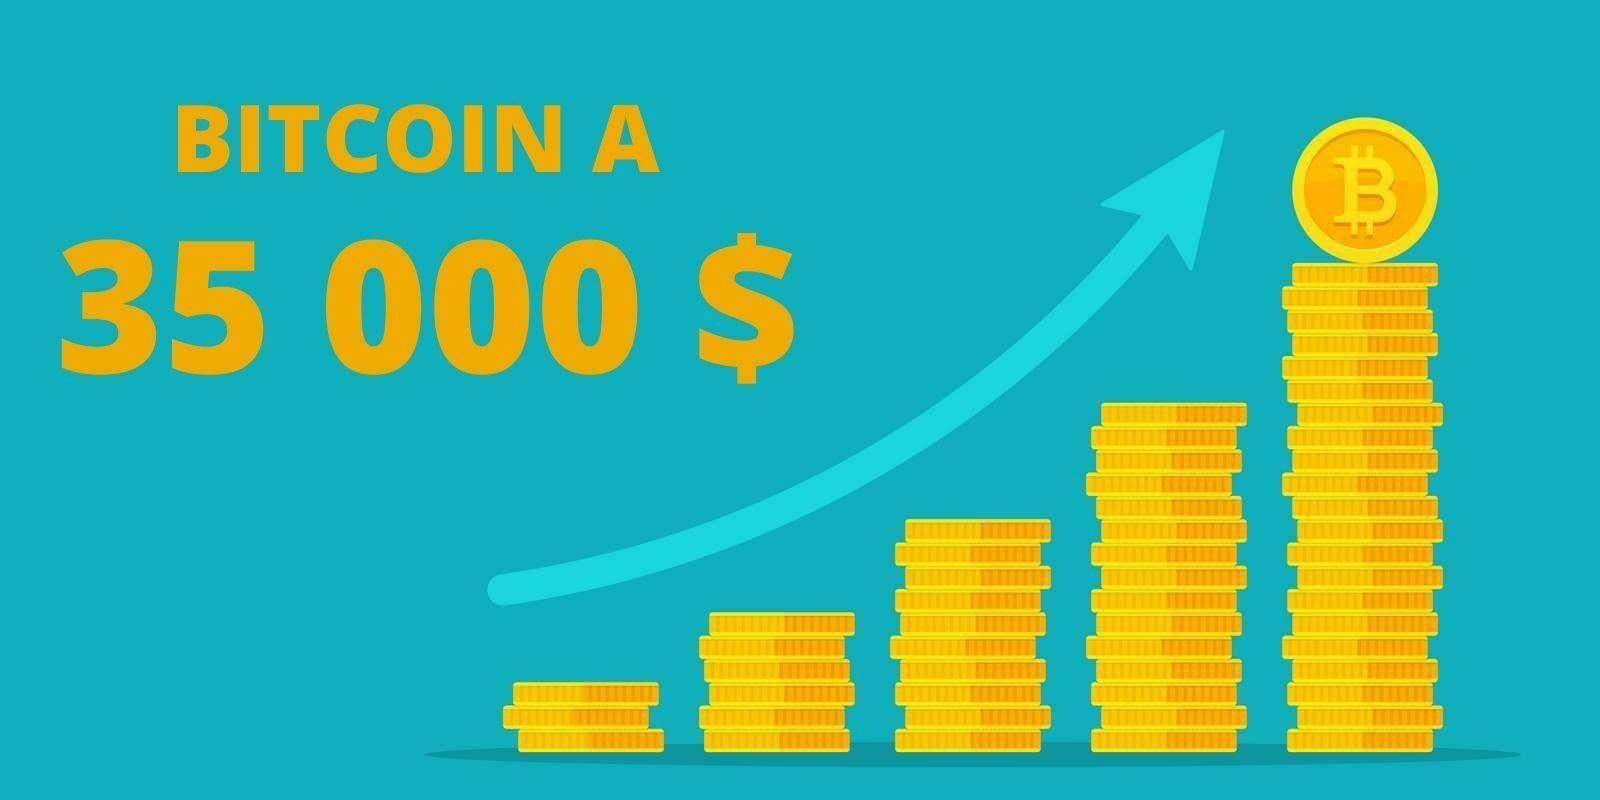 Le Bitcoin (BTC) dépasse les 35 000 dollars et devient un des dix actifs les plus capitalisés au monde